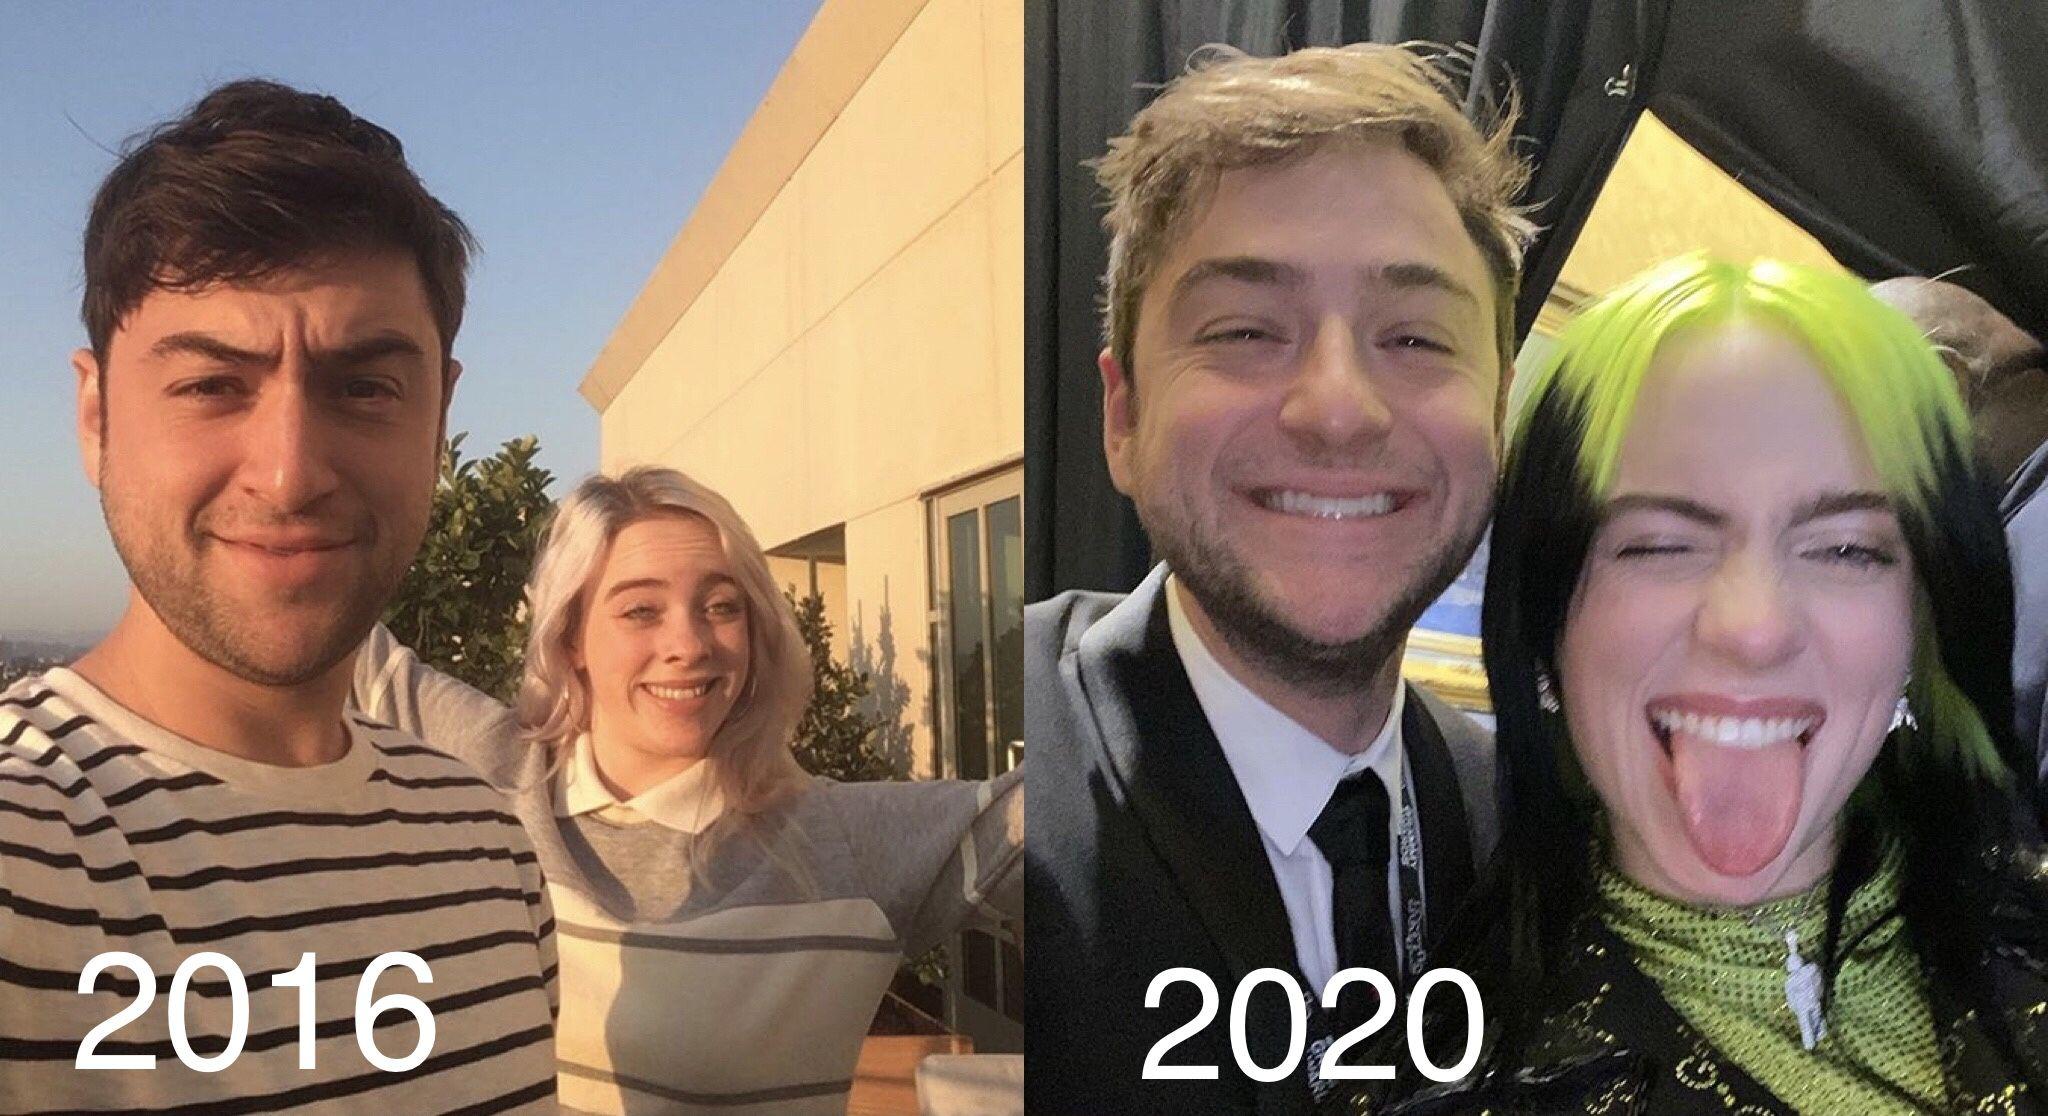 Billie And Justin Lubliner In 2020 Billie Billie Eilish Justin